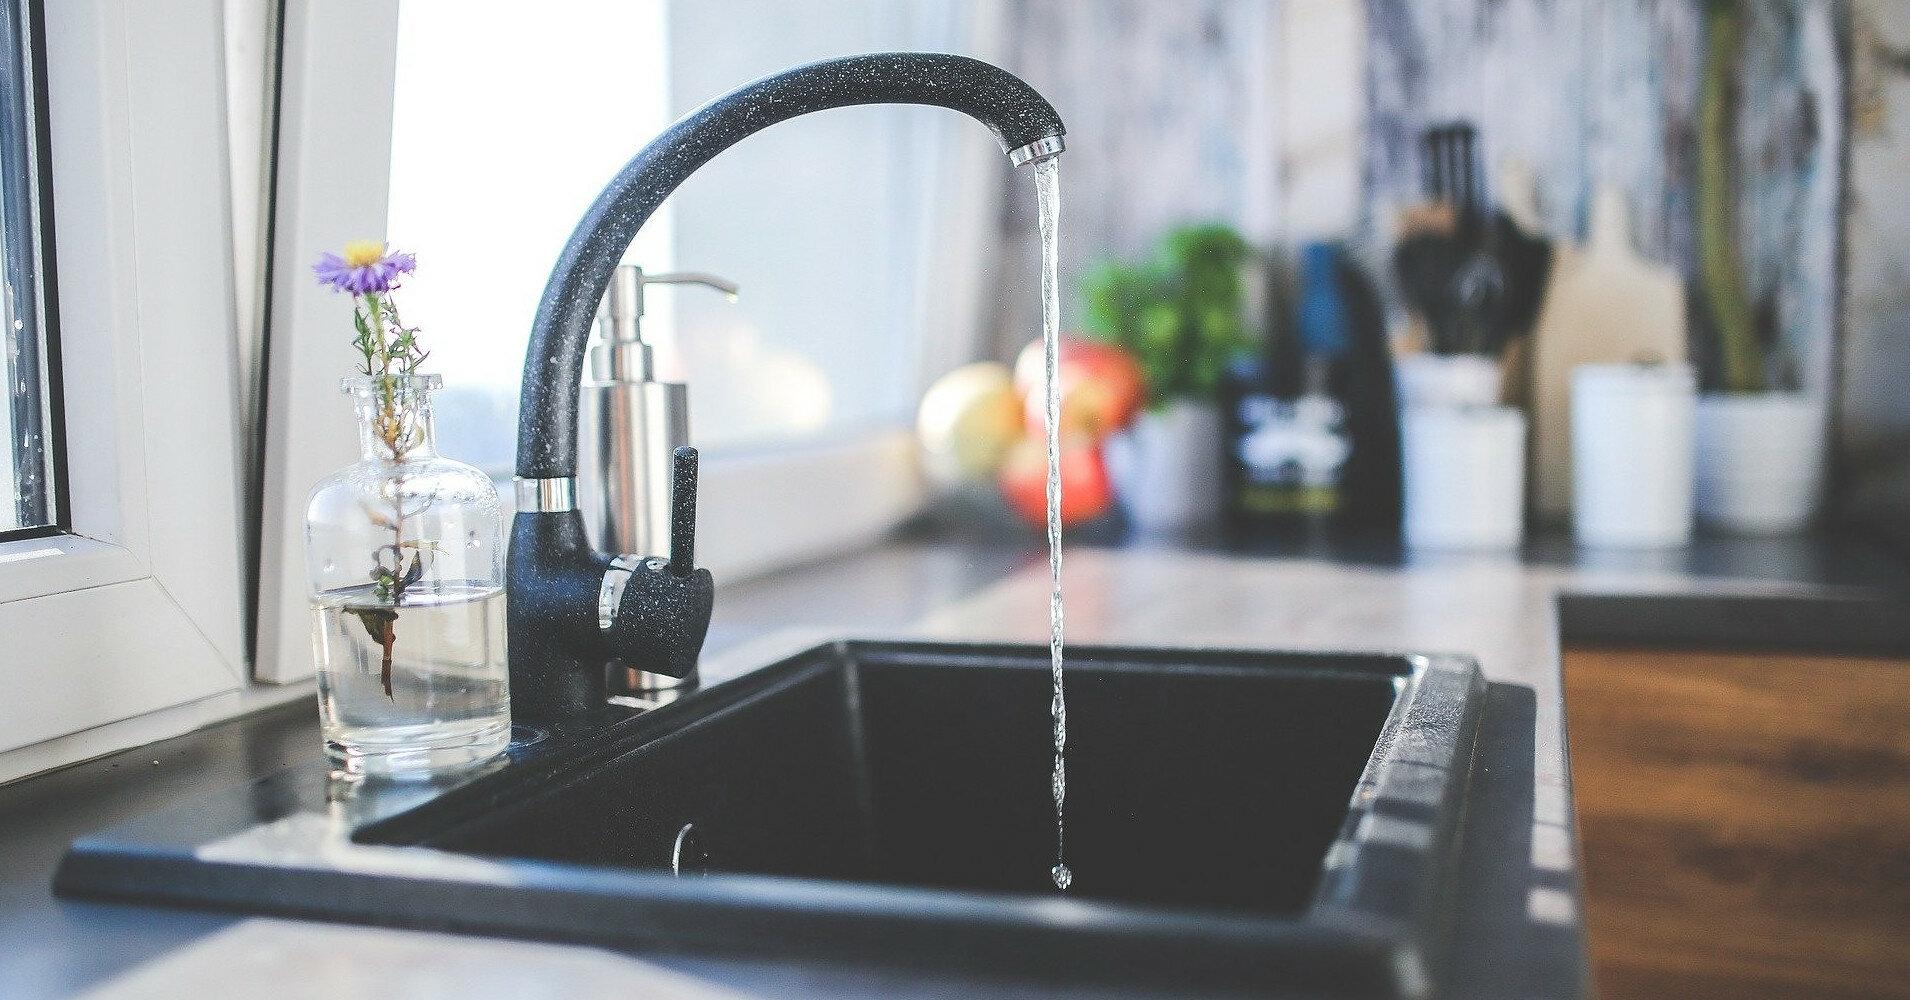 Горячая вода: выгодно газовщикам и дорого для ТКЭ